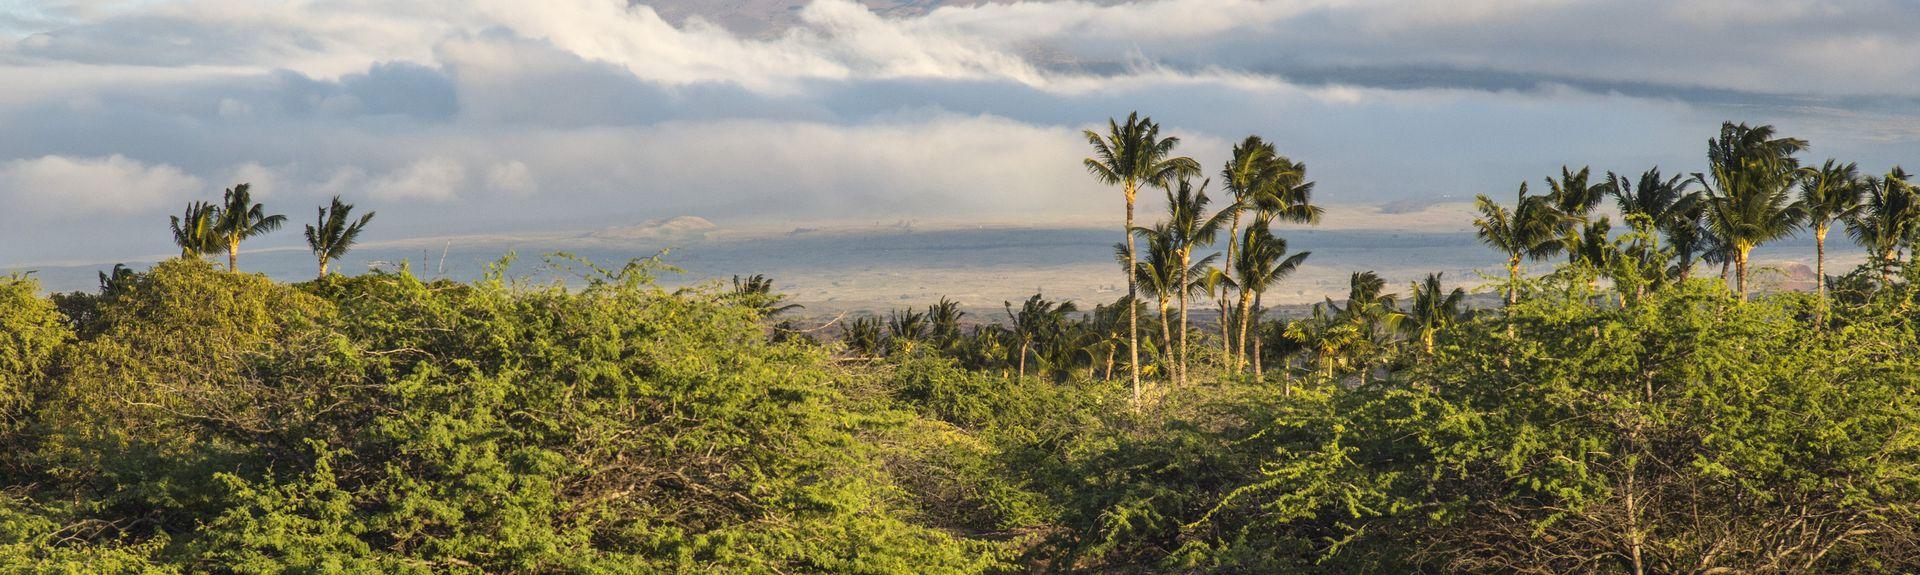 Mauna Lani (Puako, Hawaï, États-Unis d'Amérique)